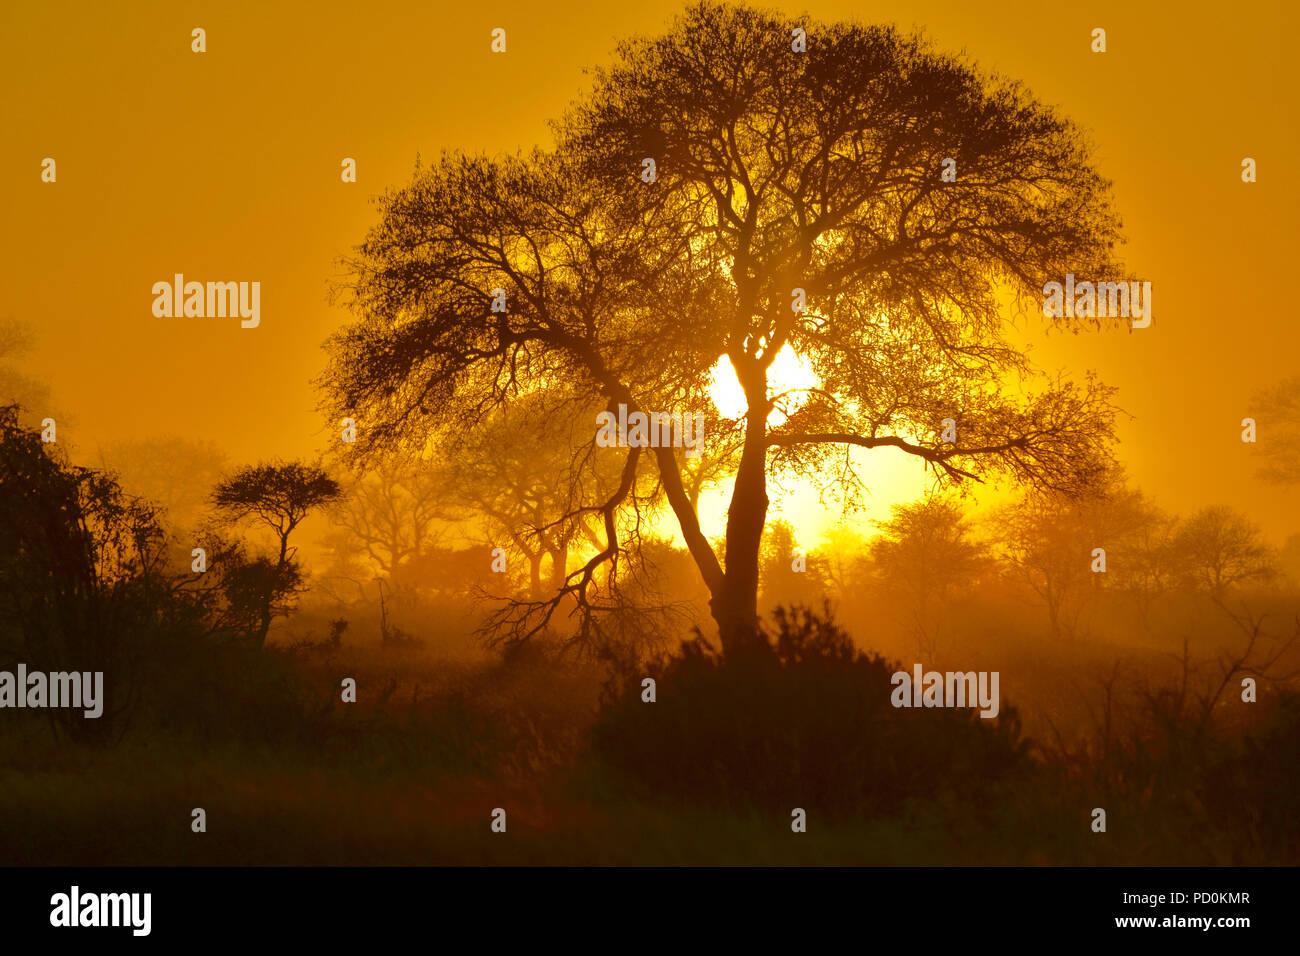 Sud Africa, una fantastica destinazione di viaggio per sperimentare e terzo e primo mondo insieme. Ethereal sunrise su foschia mattutina nel Parco Nazionale di Kruger. Foto Stock